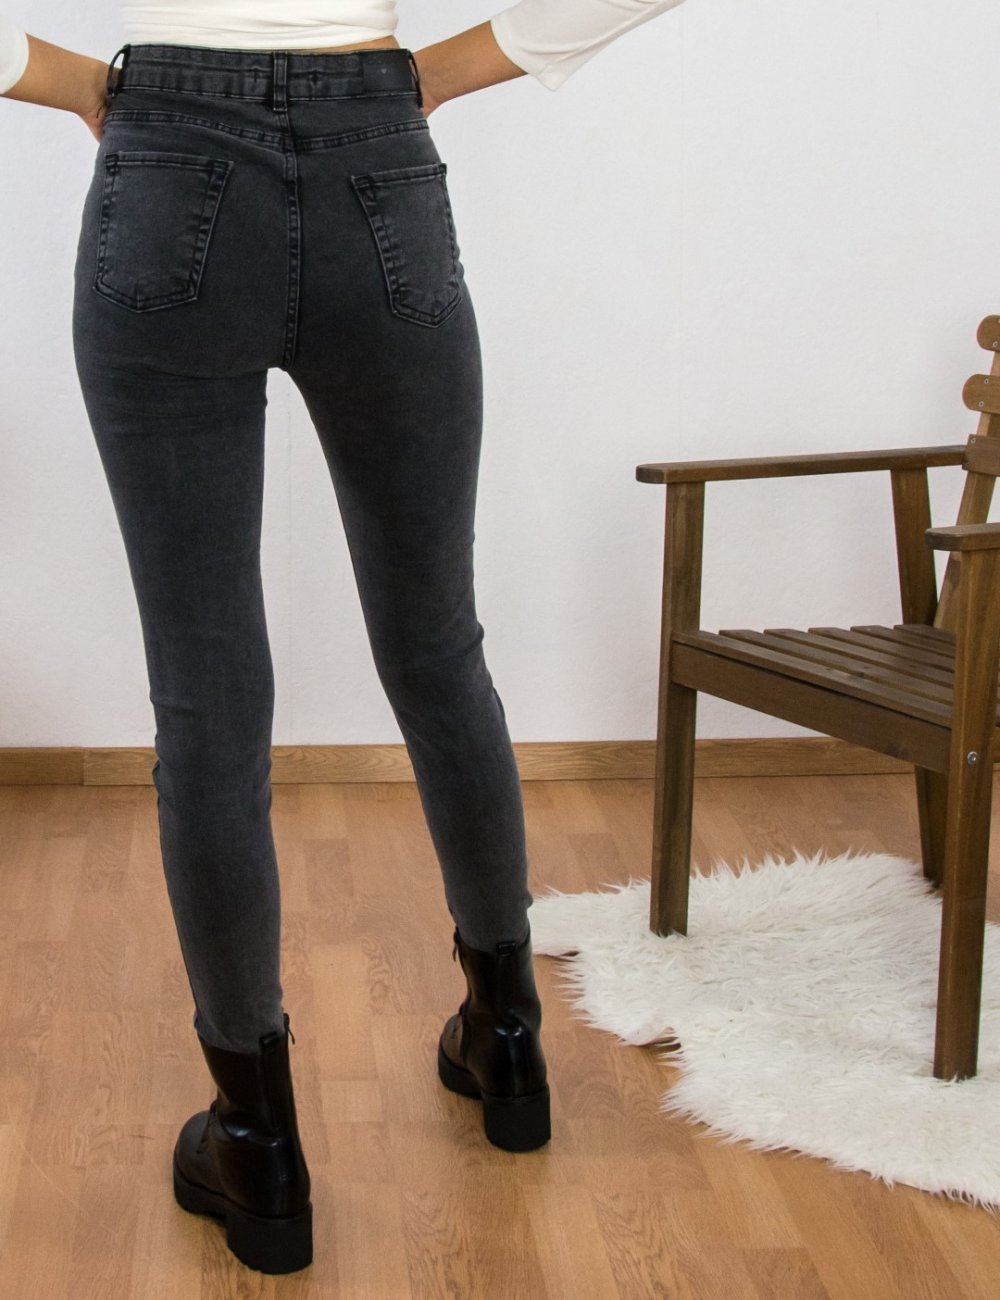 Γυναικείο μαύρο τζιν παντελόνι σωλήνας Plus Size  ελαστικό LY1832